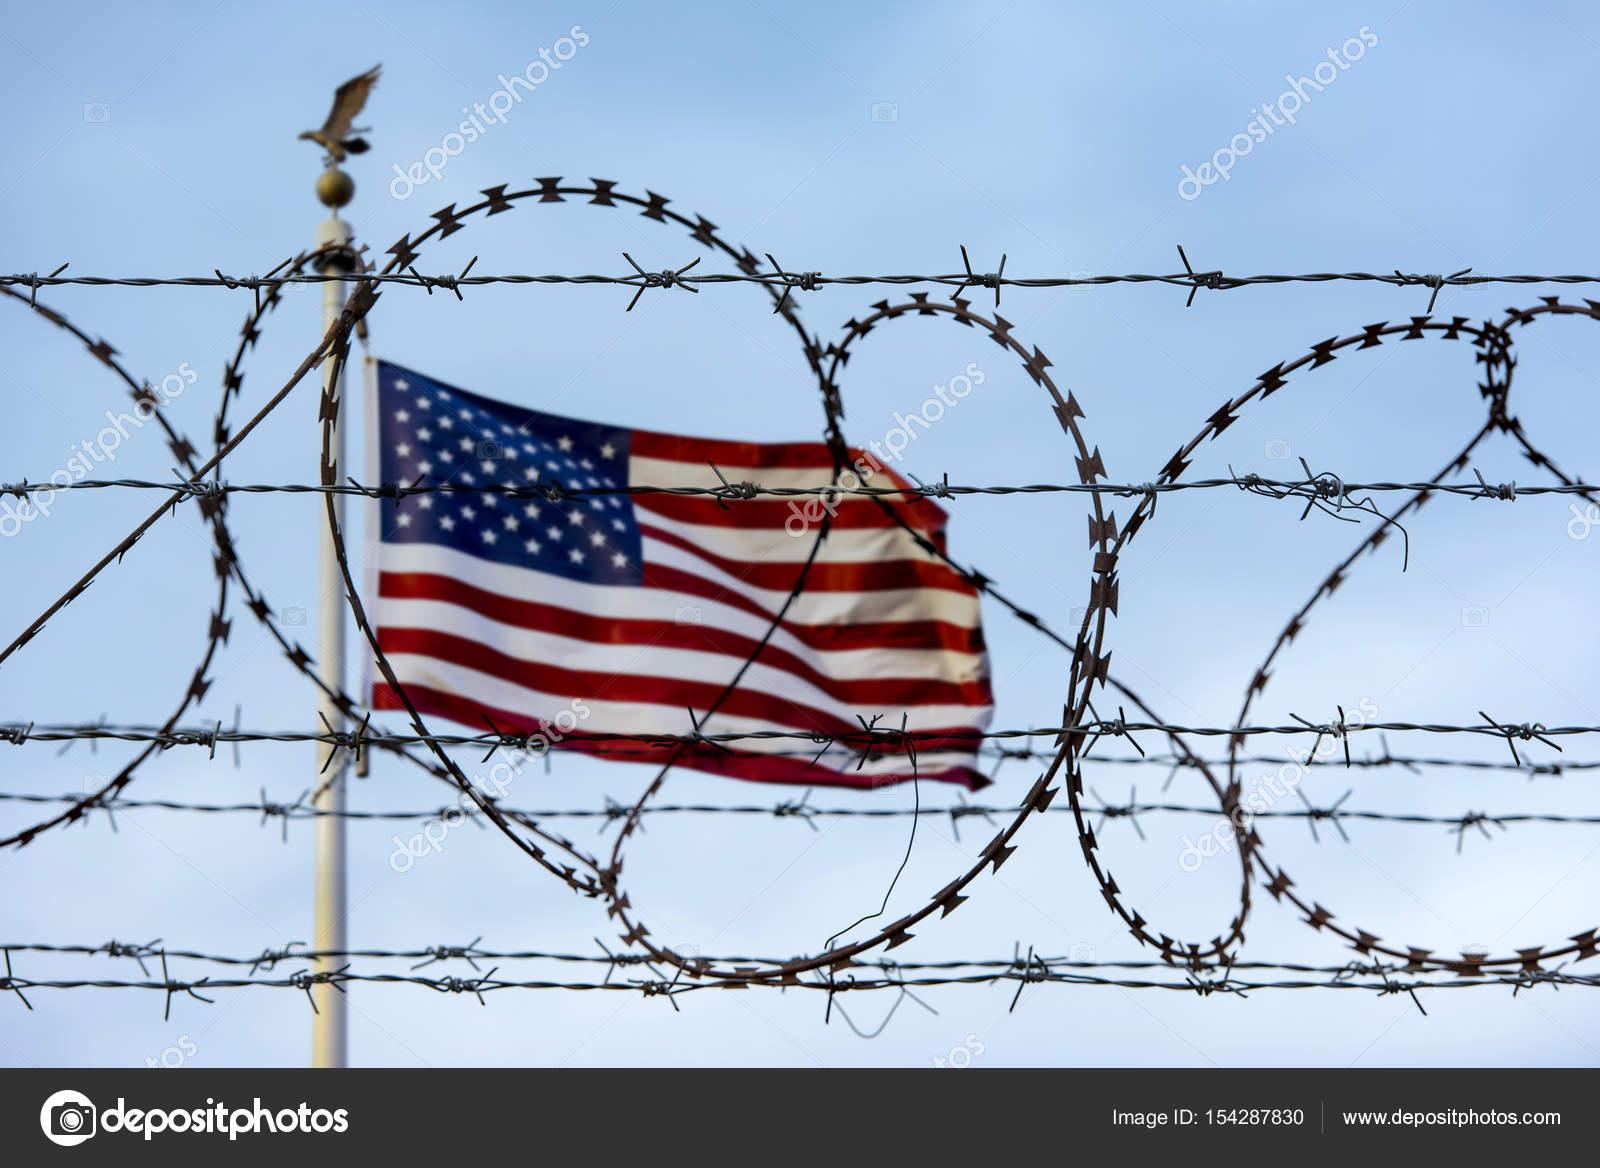 Amerikanische Flagge und Stacheldraht, Usa-Grenze — Stockfoto ...